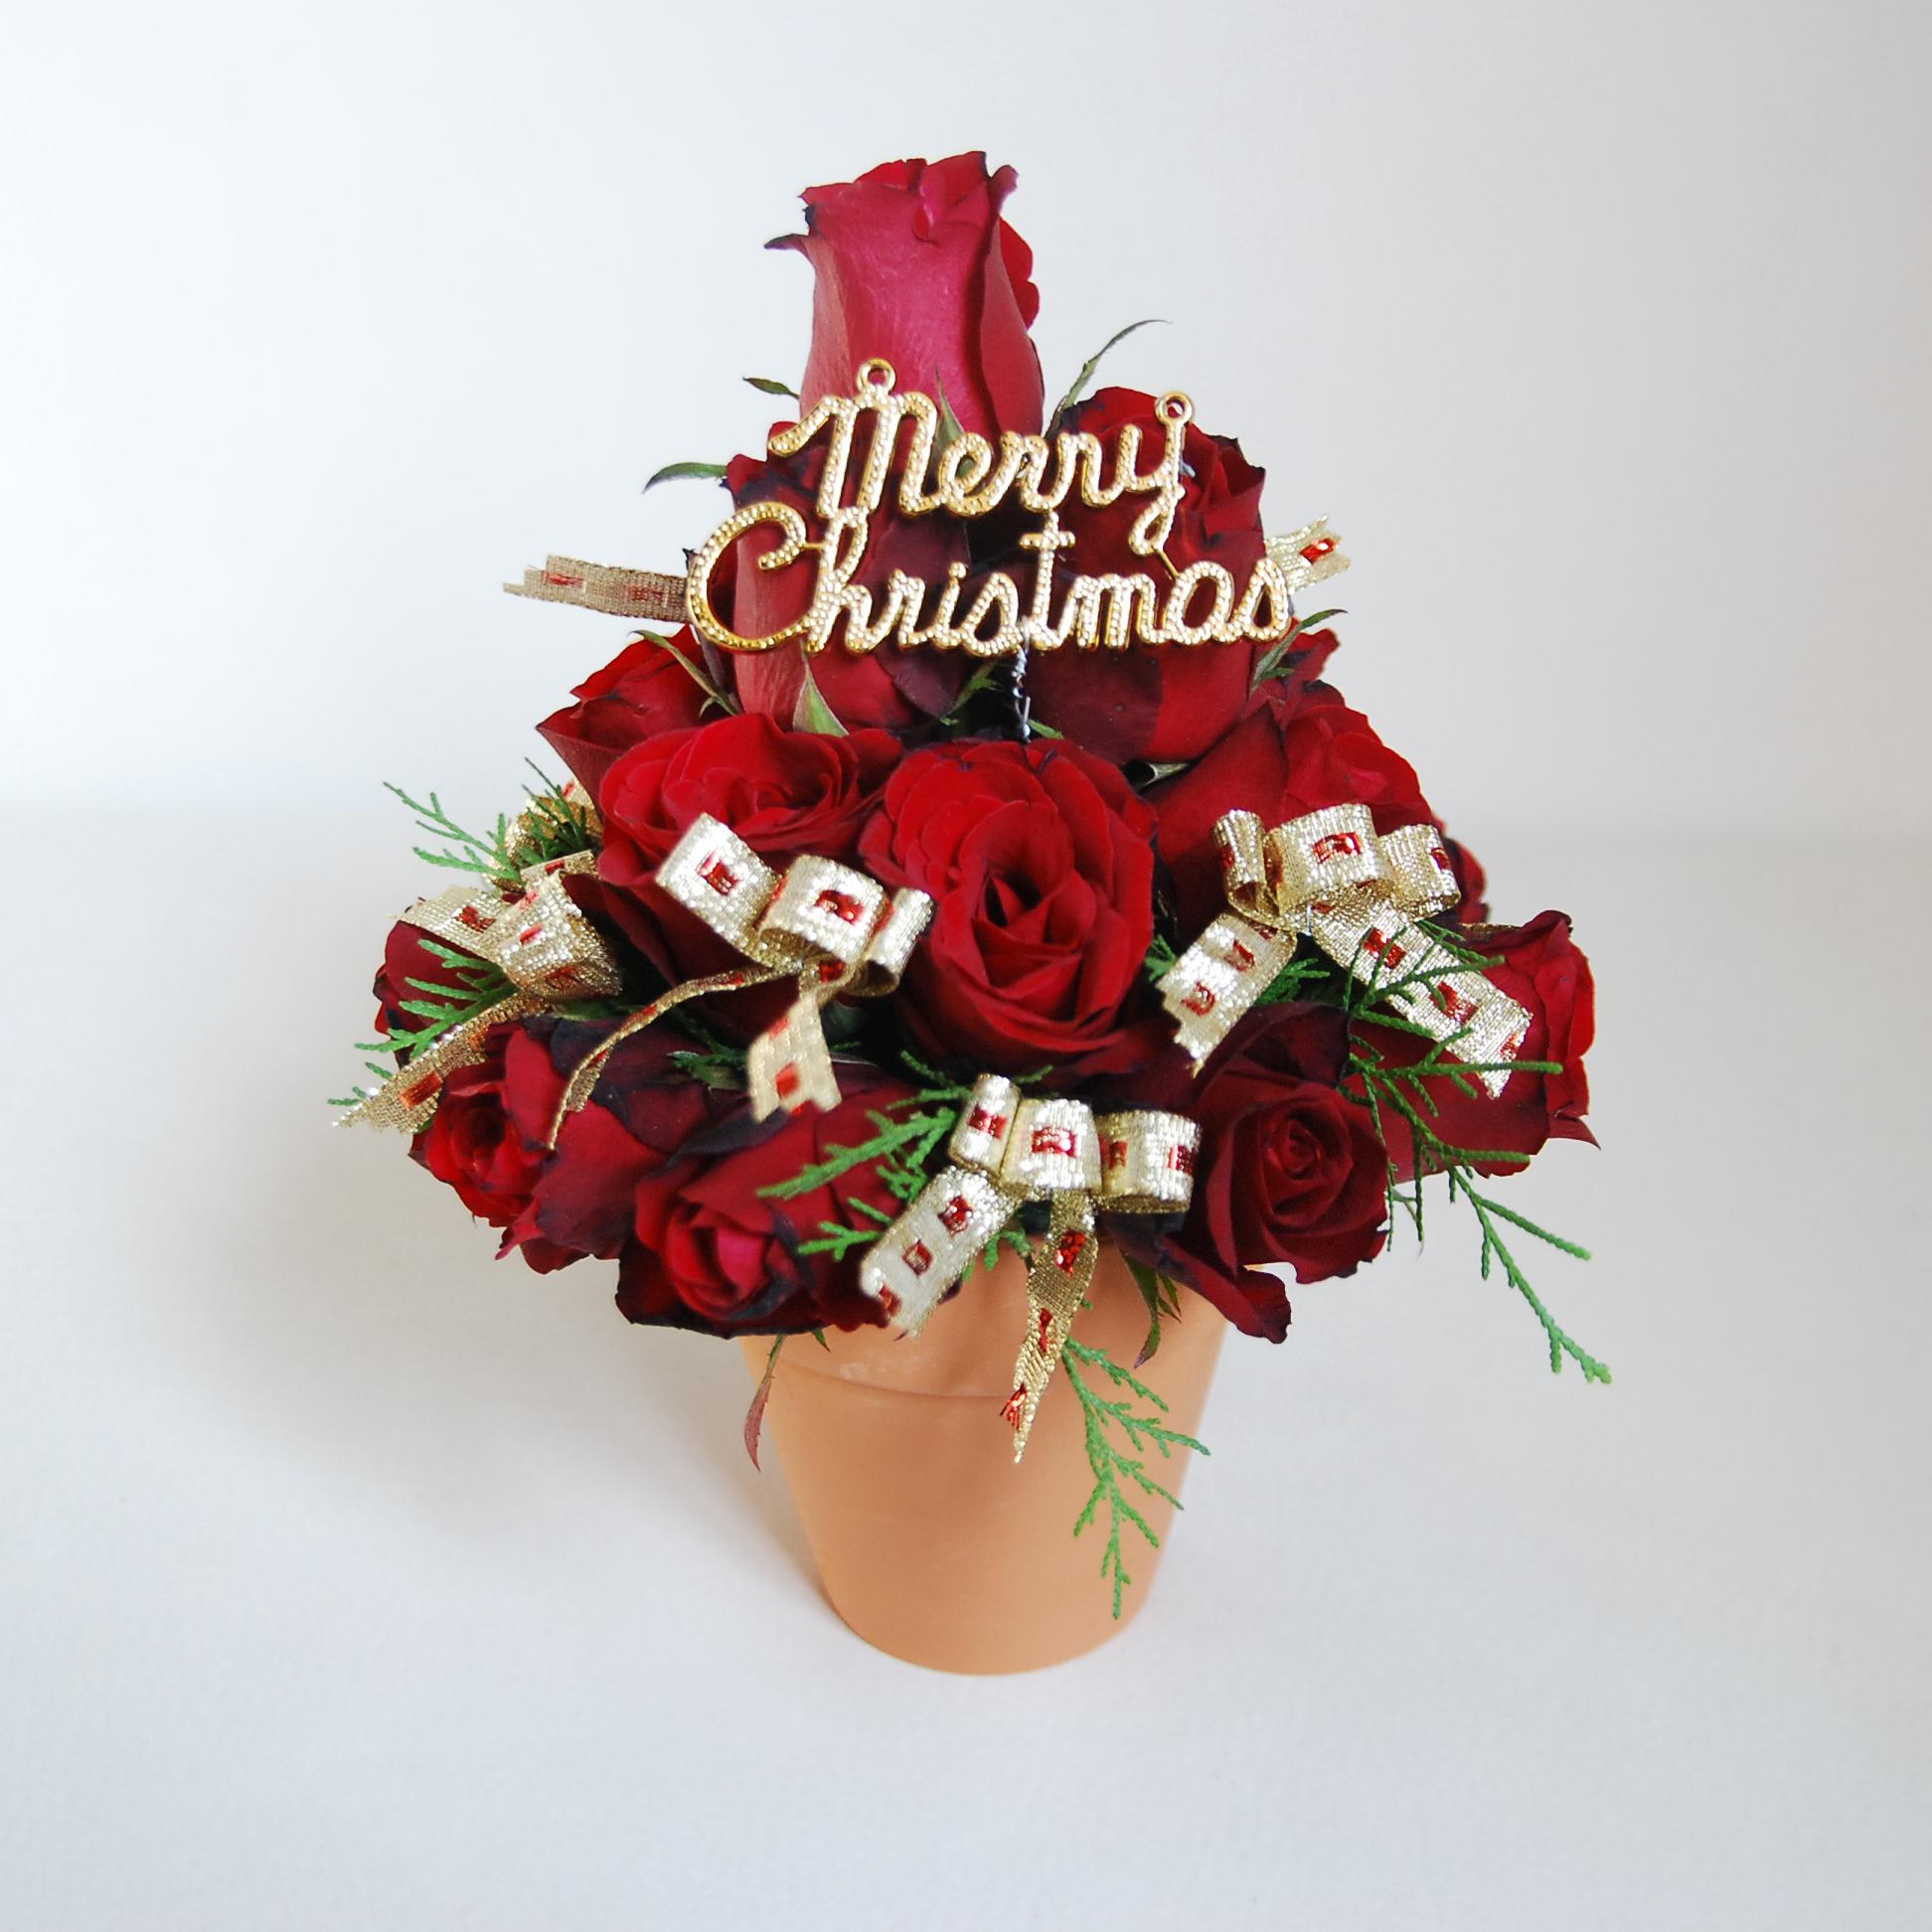 【巧繪網-TR030019玫瑰聖誕樹-小】最特別的耶誕驚喜聖誕花束聖誕禮物浪漫推薦